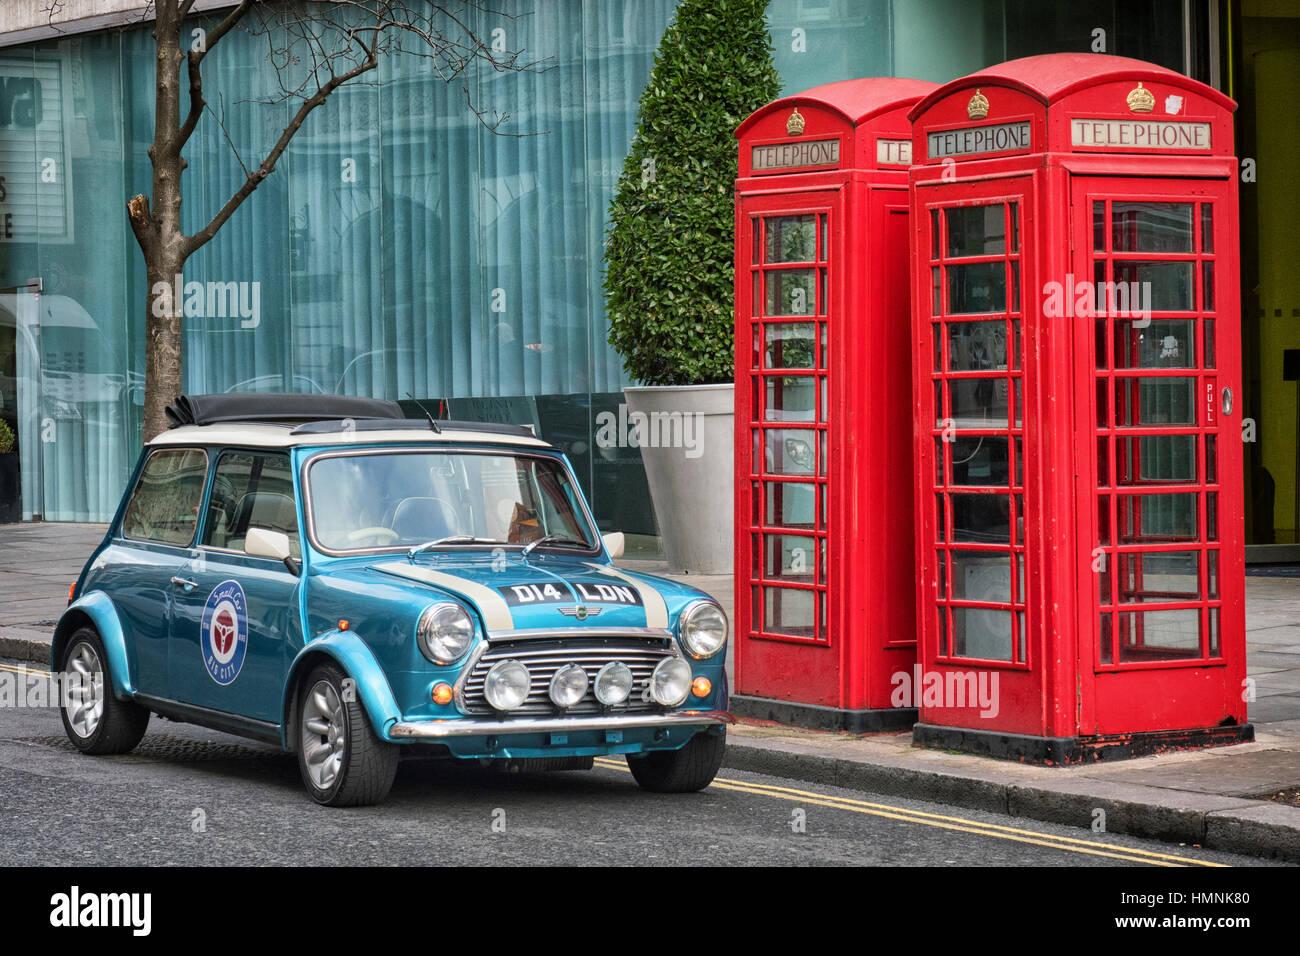 Austin Mini Cooper Rouge Garée à Côté Des Cabines Téléphoniques à St